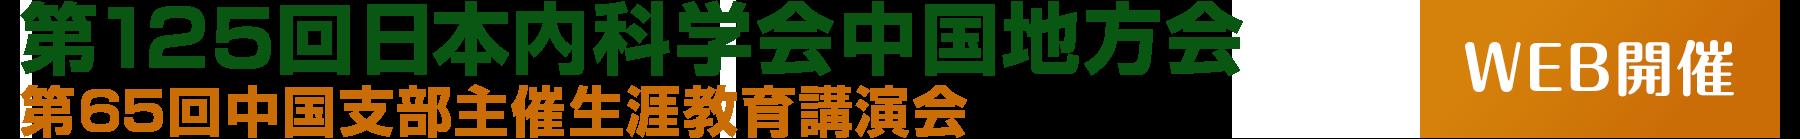 第125回日本内科学会中国地方会/第65回中国支部主催生涯教育講演会